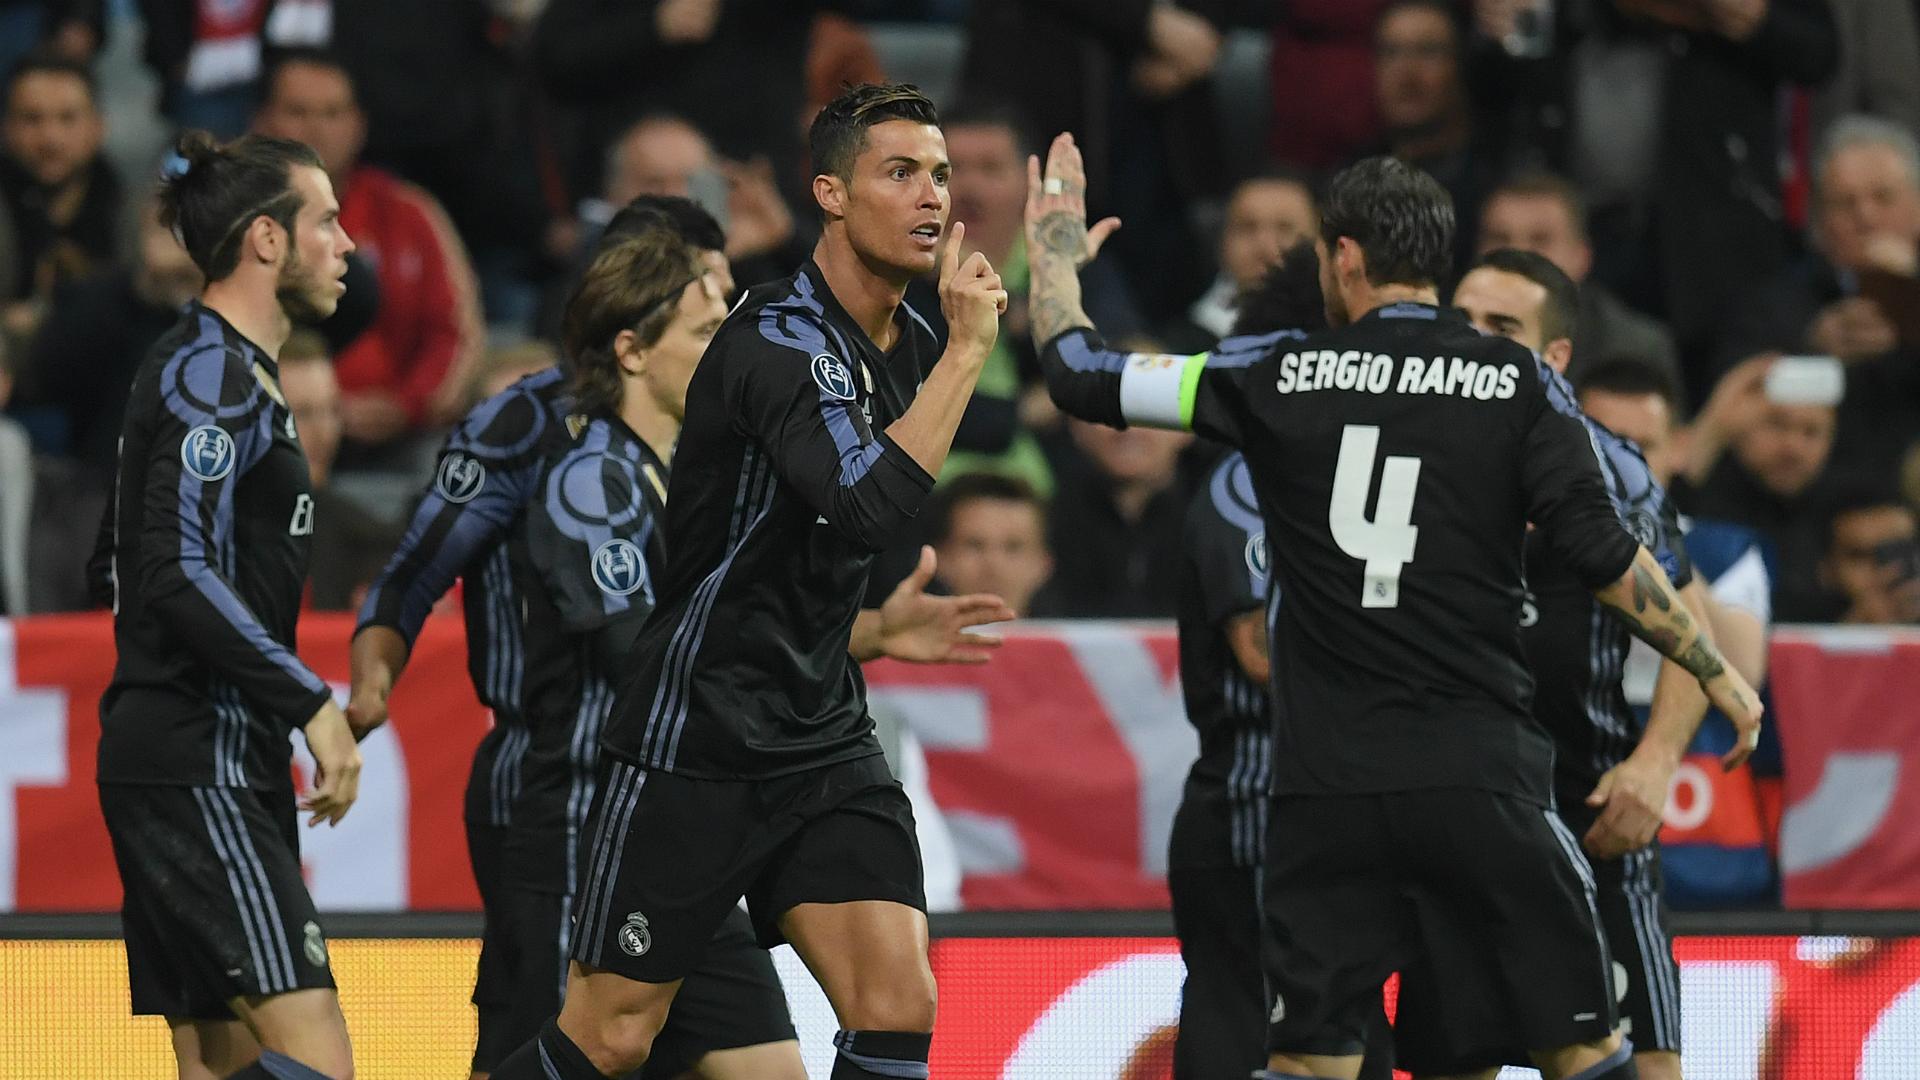 Zinedine Zidane confirmó que Gareth Bale no jugará contra Sporting Gijón